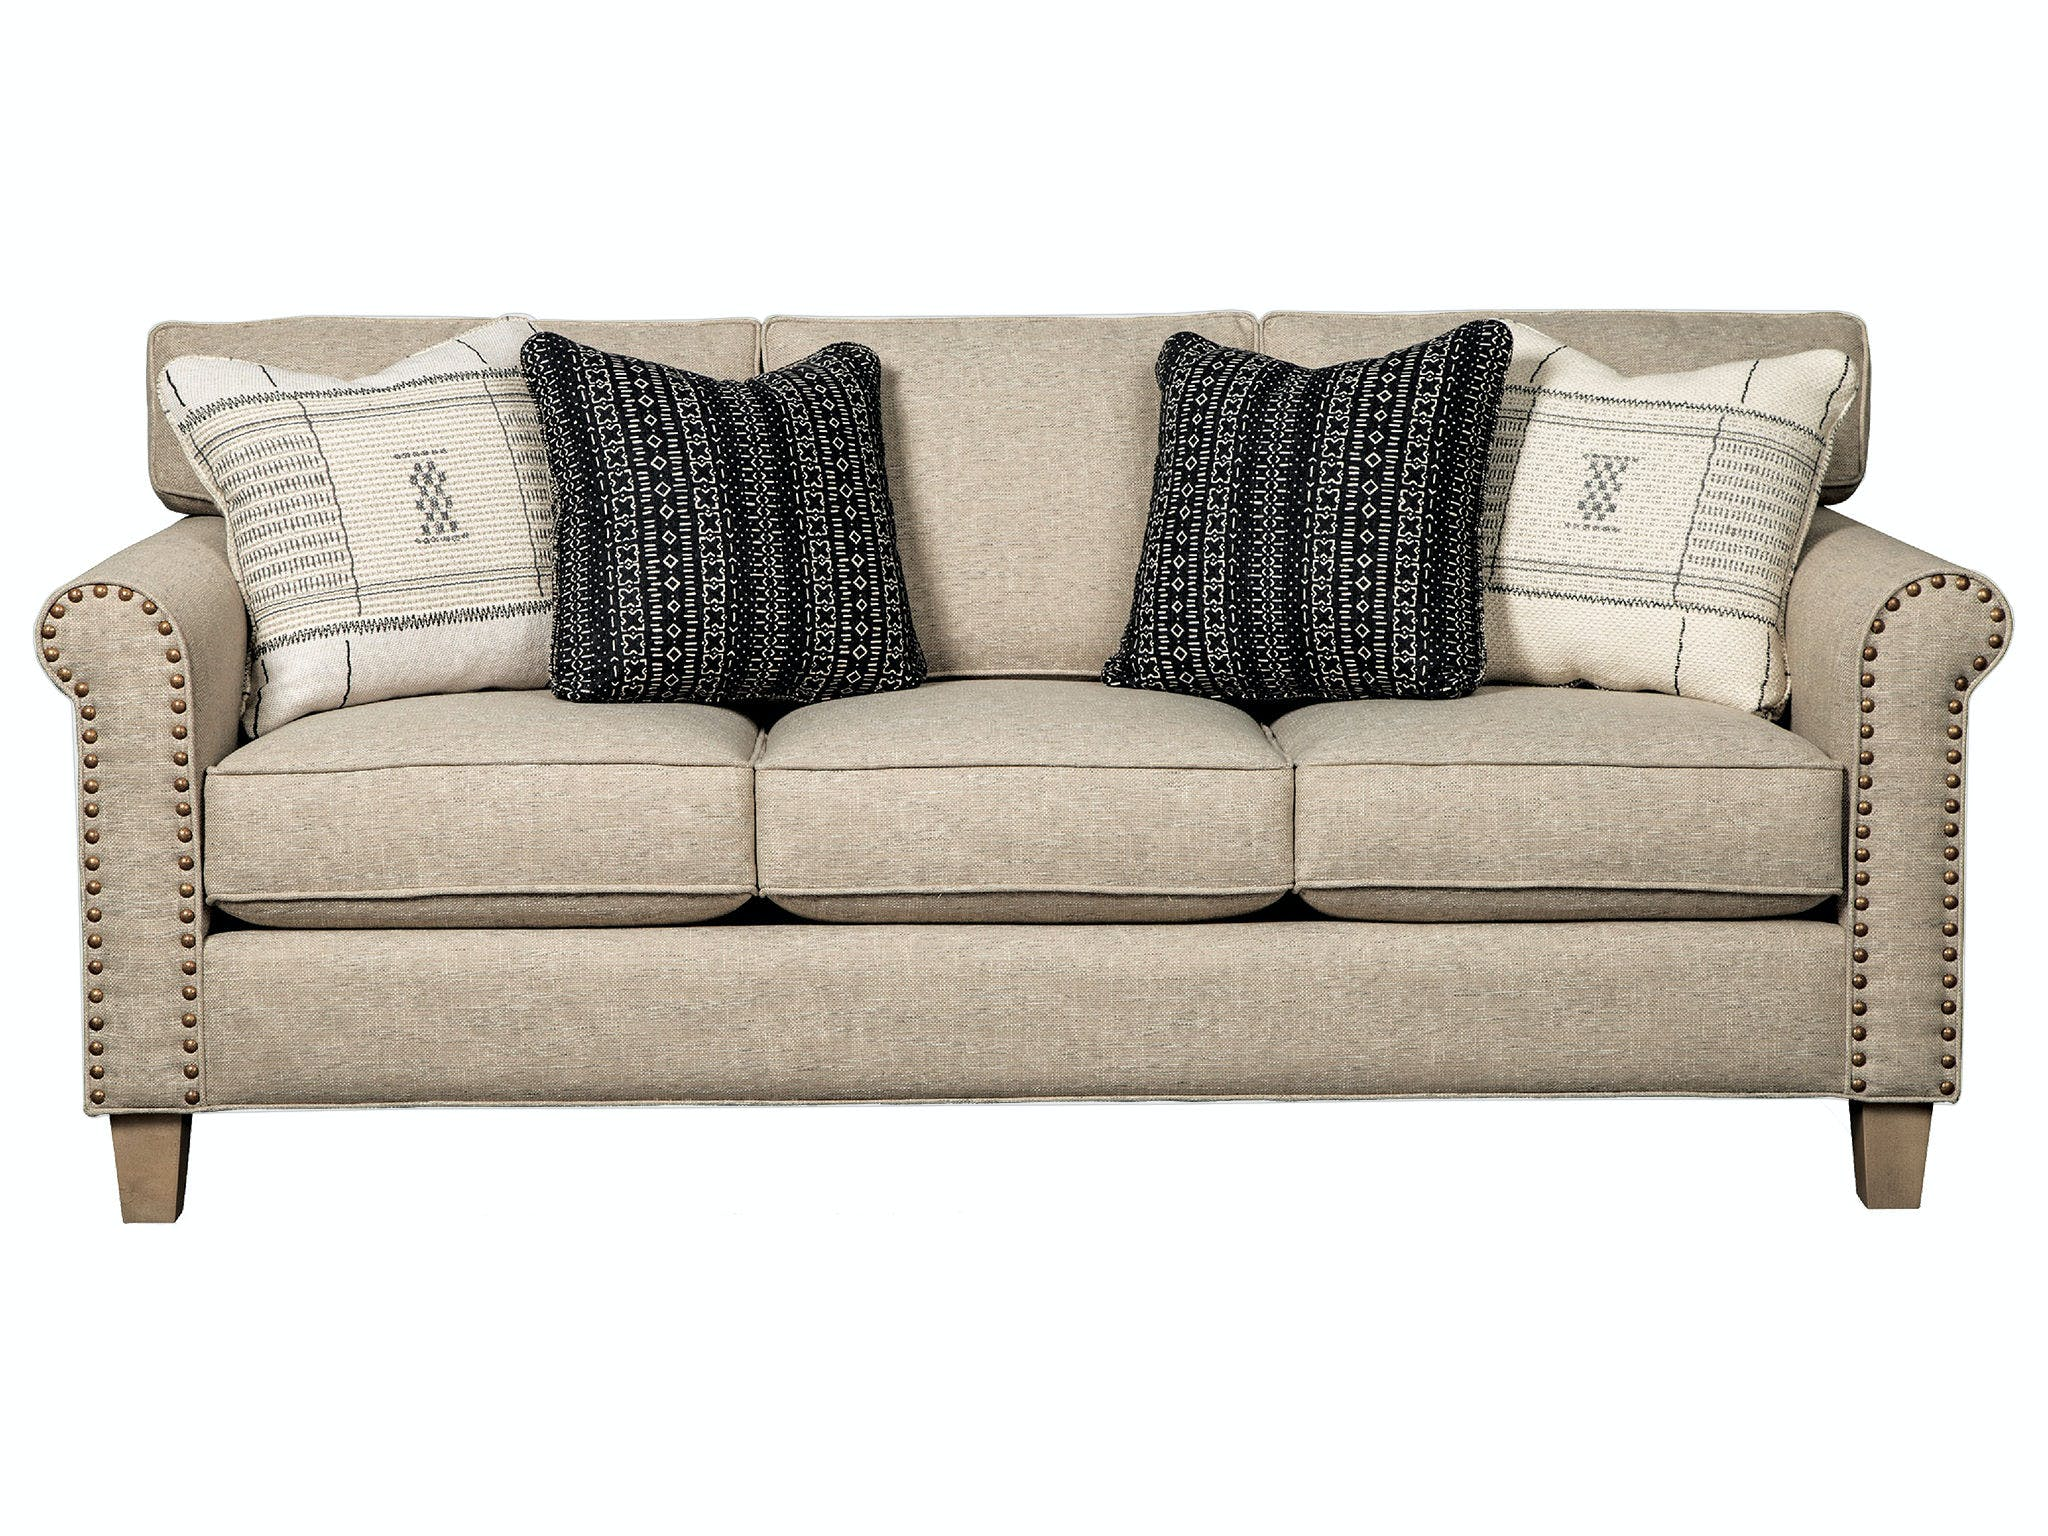 Cozy Life Living Room Sofa 778850